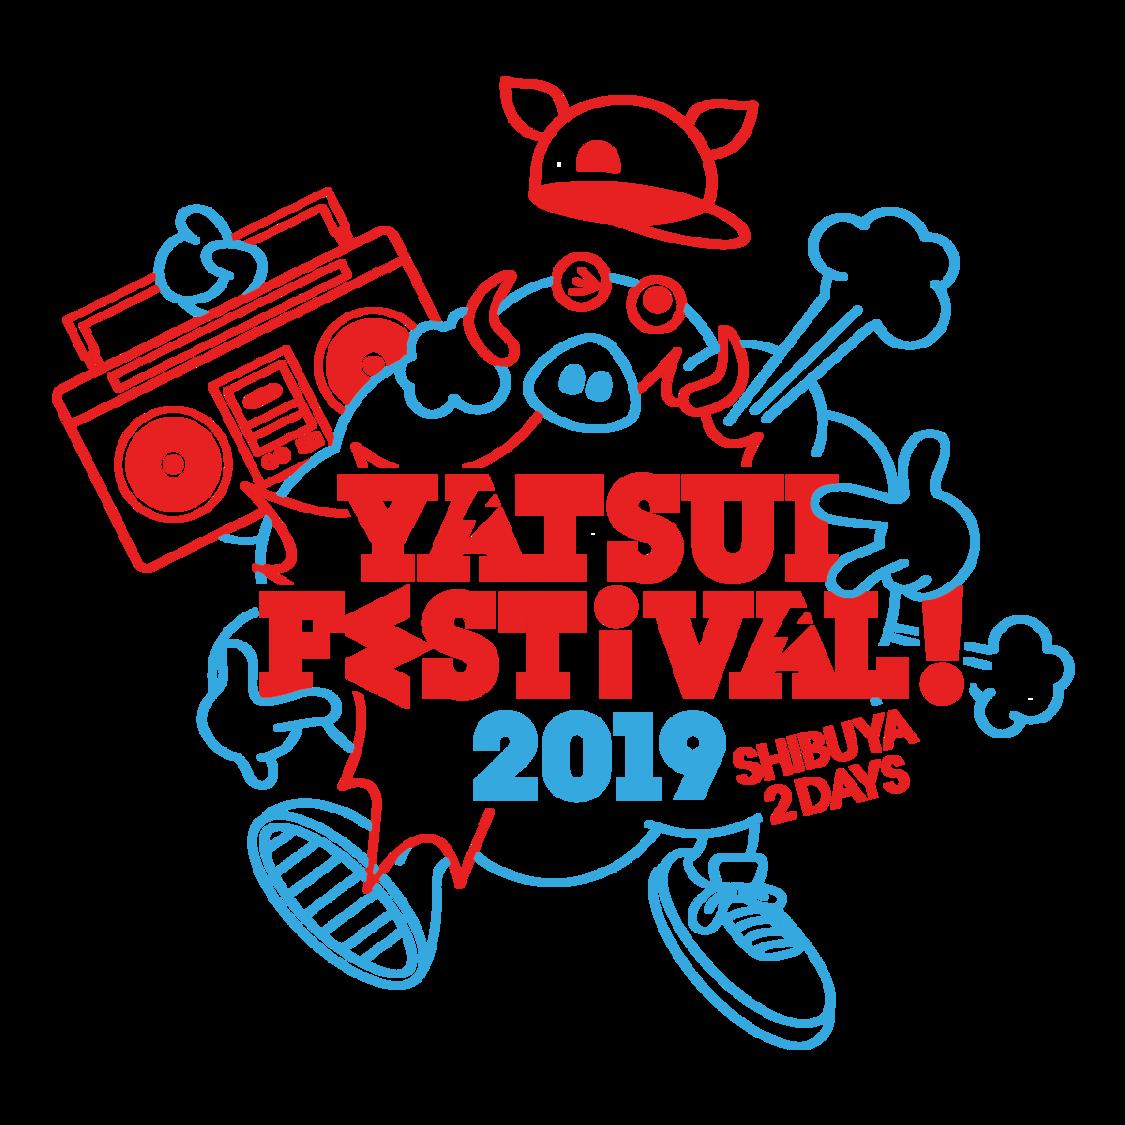 <YATSUI FESTIVAL!2019> 第2弾にまねきケチャ、吉川友、アプガ(2)、新しい学校のリーダーズら31組+日割り発表!